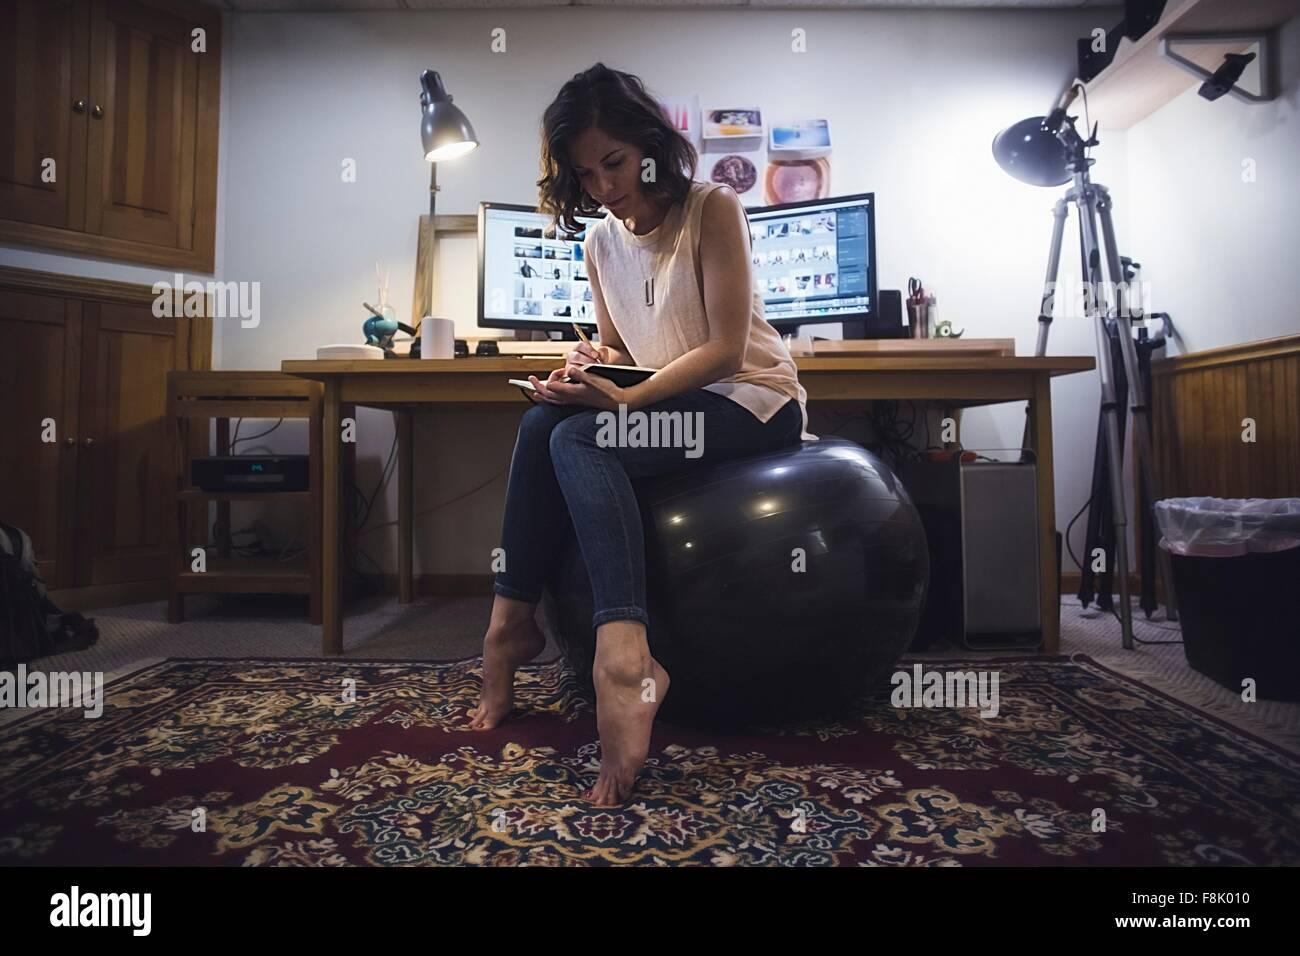 Mitte Erwachsene Frau sitzen auf Yoga-Ball in Tagebuch zu schreiben Stockbild